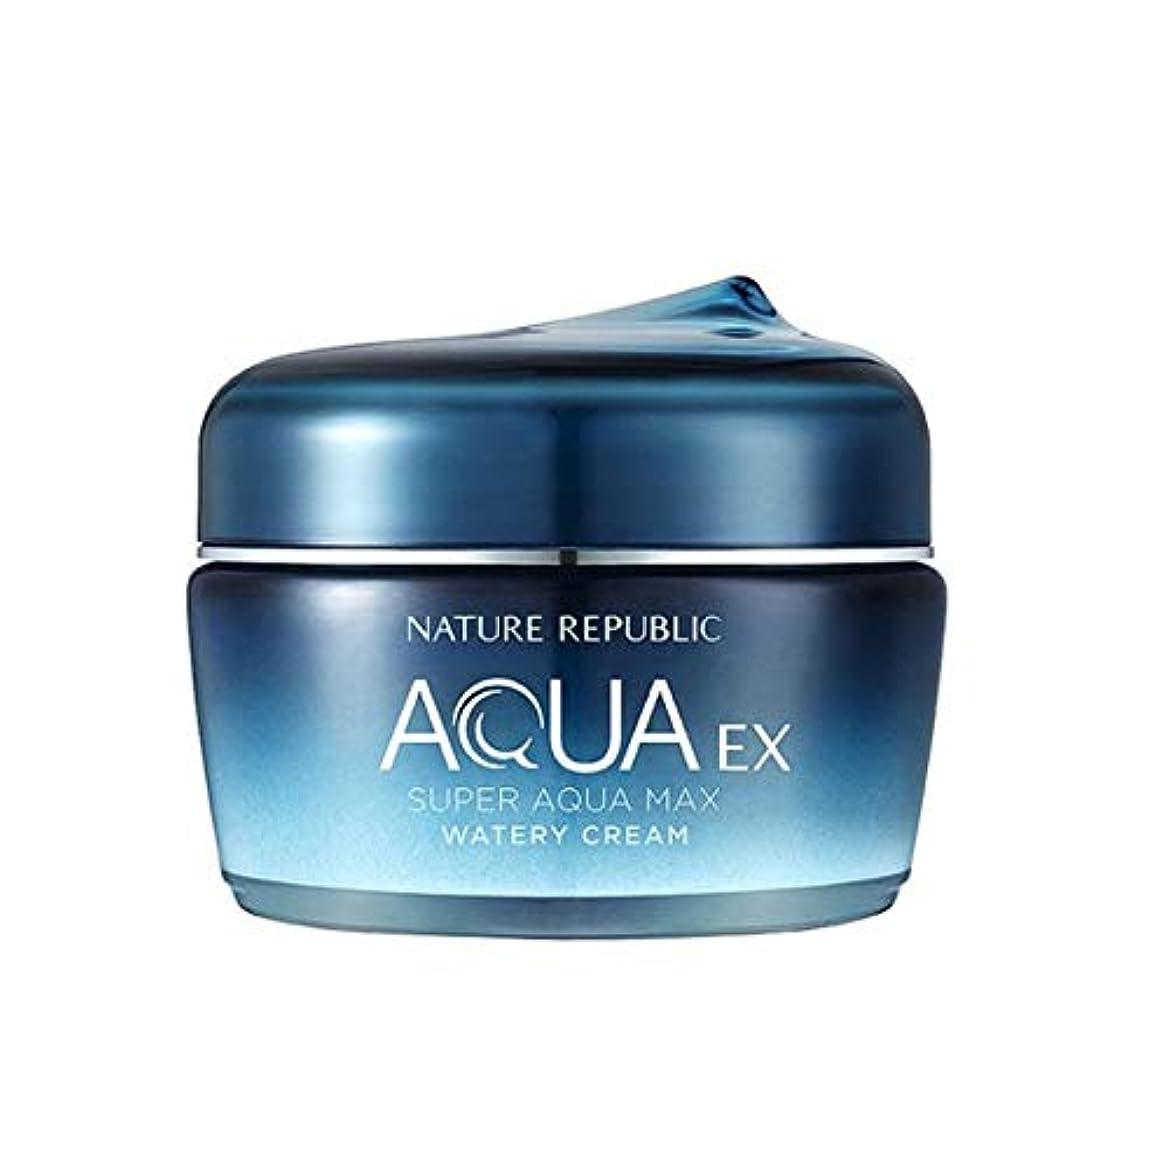 相談するリストパブネイチャーリパブリックスーパーアクアマックスEX水分クリーム80ml韓国コスメ、Nature Republic Super Aqua Max EX Watery Cream 80ml Korean Cosmetics [...